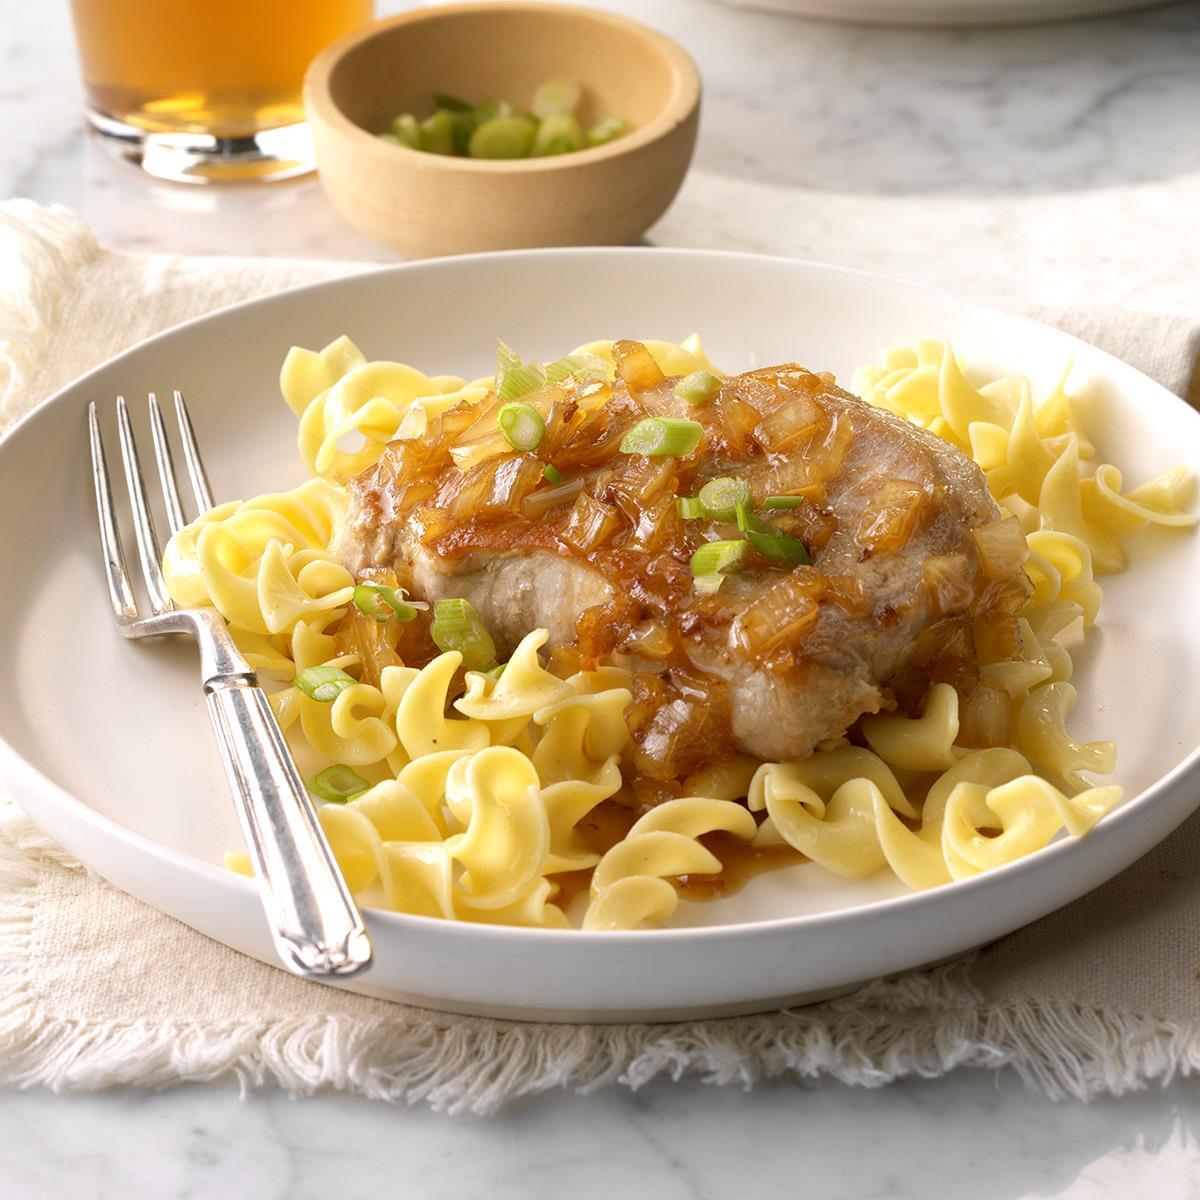 Jiffy Ground Pork Skillet Recipe: No-Fuss Pork Chops Recipe